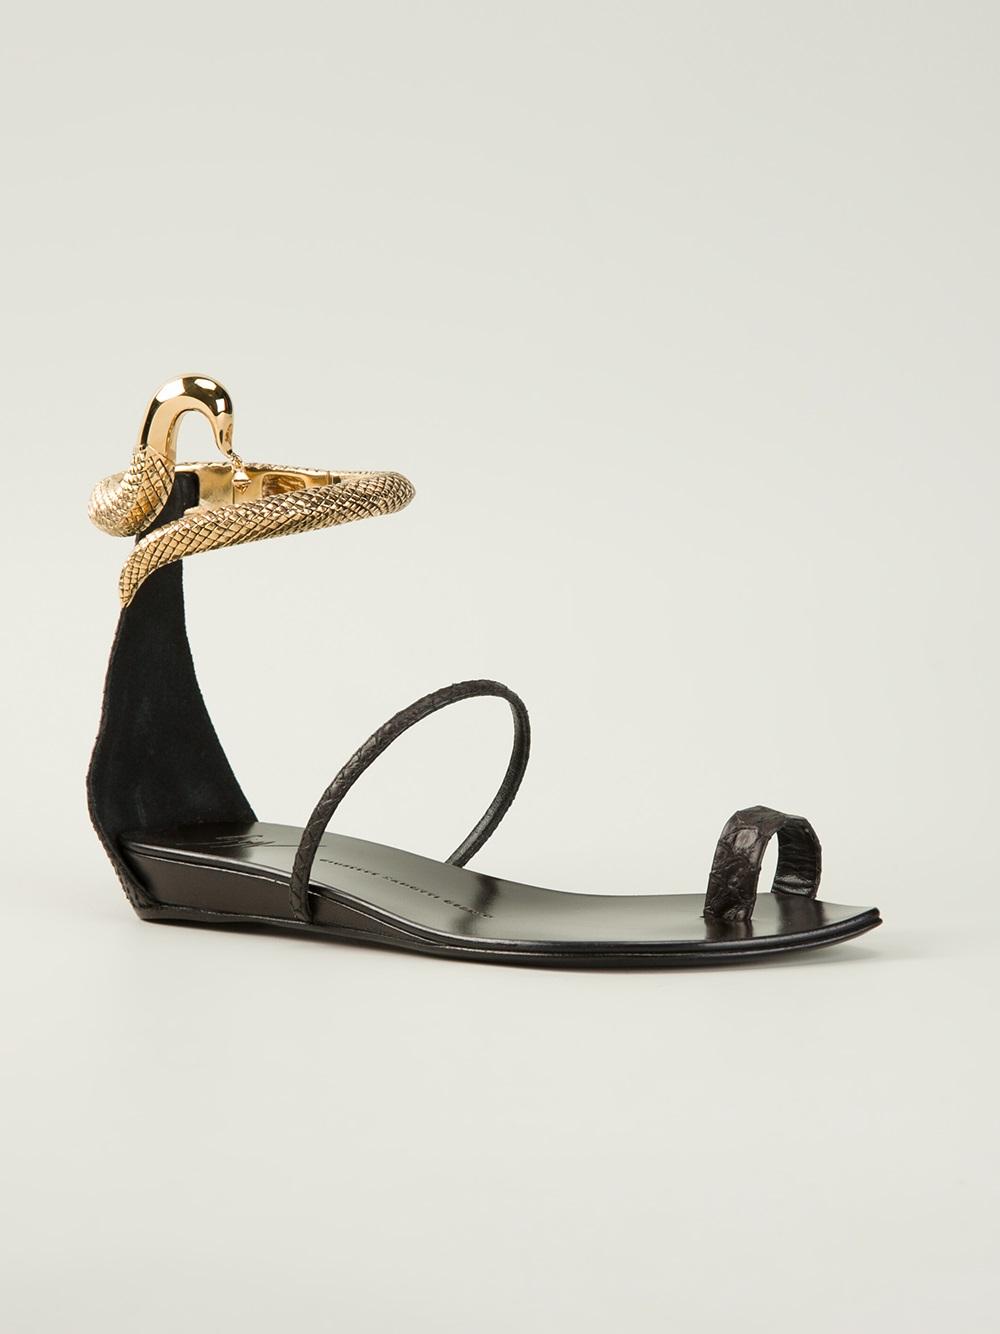 b1aeaf180abe ... greece giuseppe zanotti snake flat sandal in black lyst f1c94 7453d ...